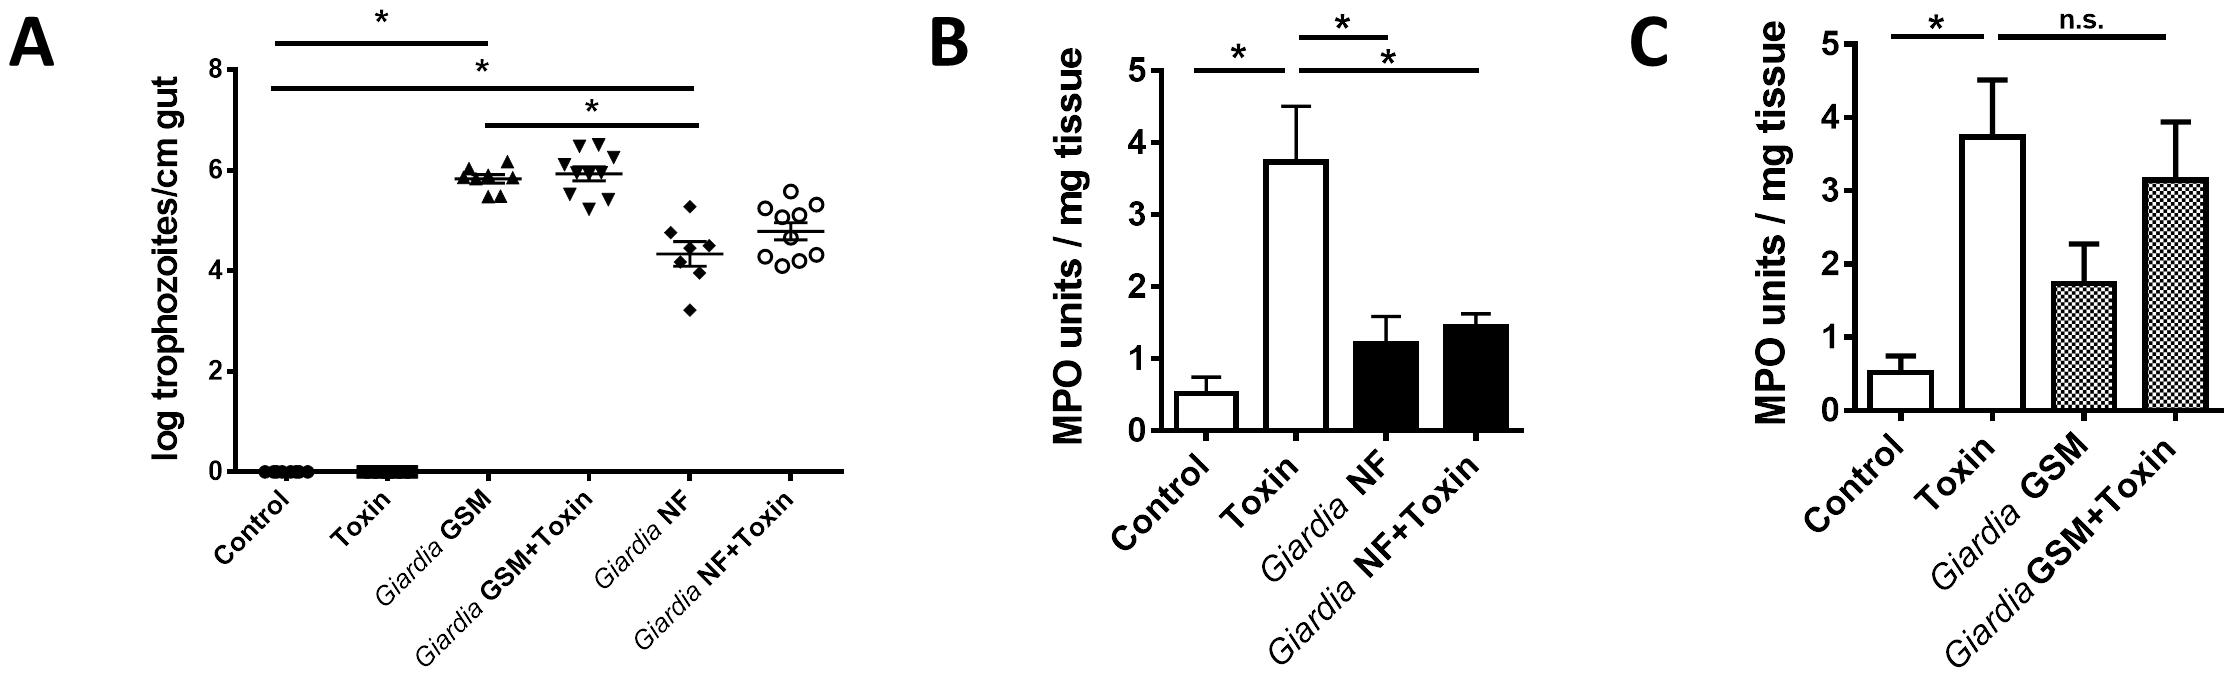 giardiasis toxin production